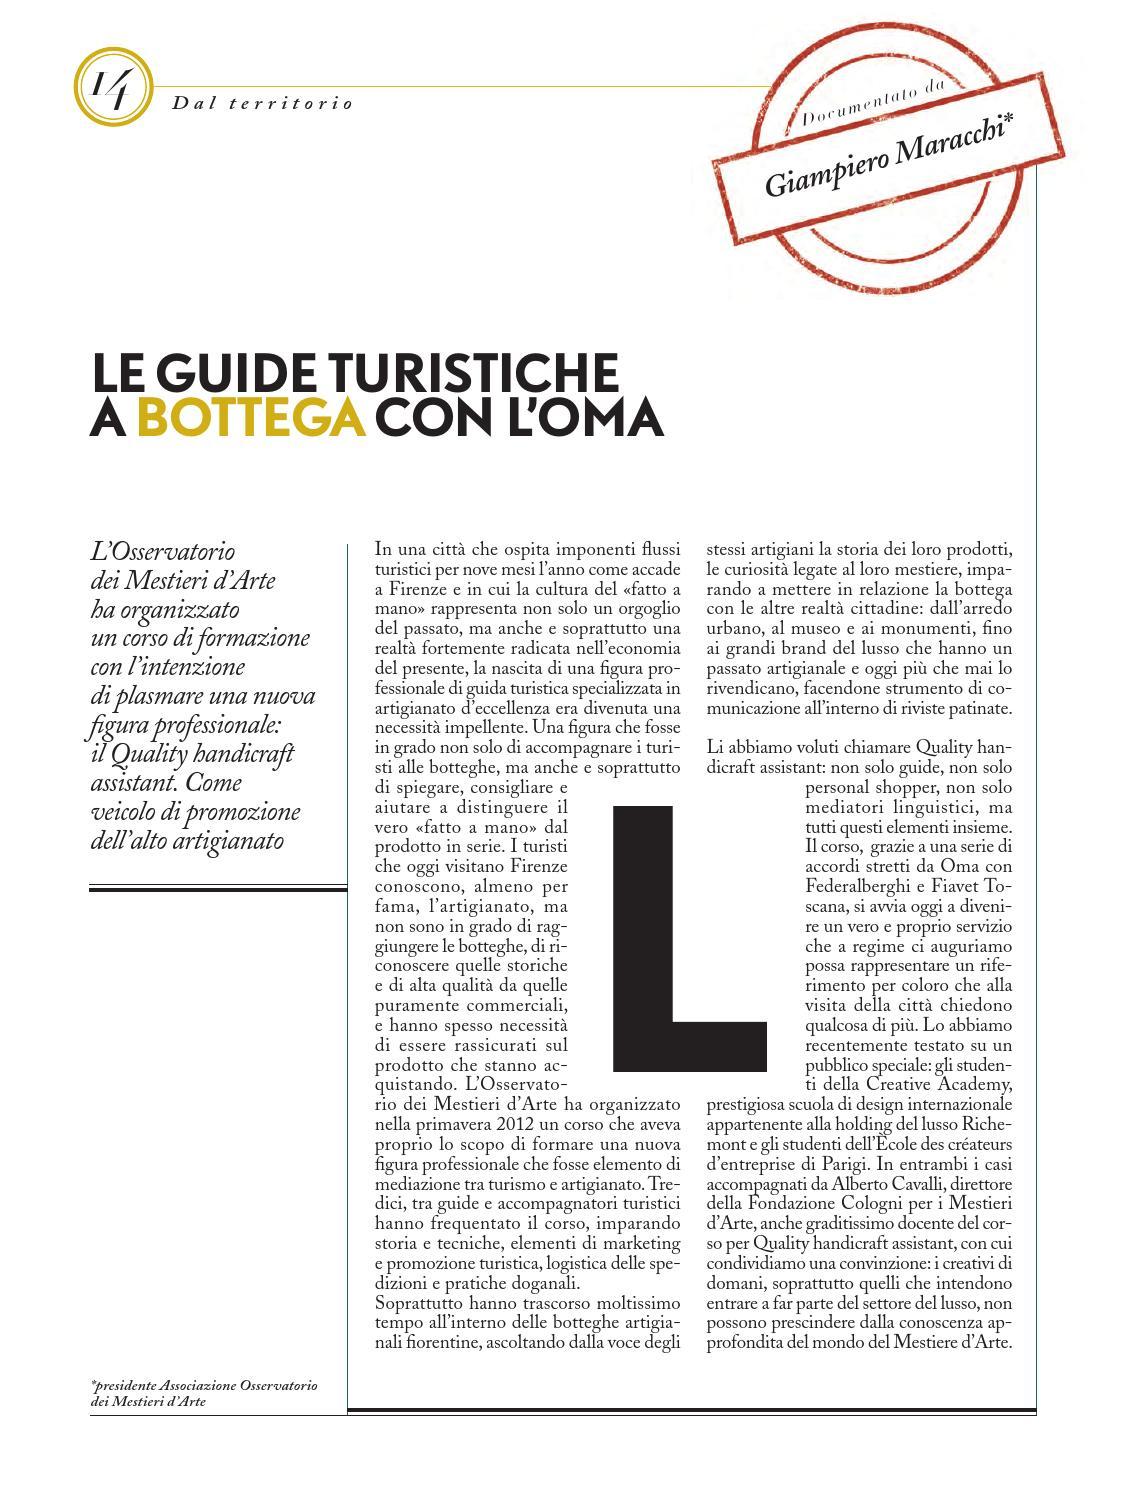 Mestieri Con La L.Mestieri D Arte Design N 7 By Fondazione Cologni Dei